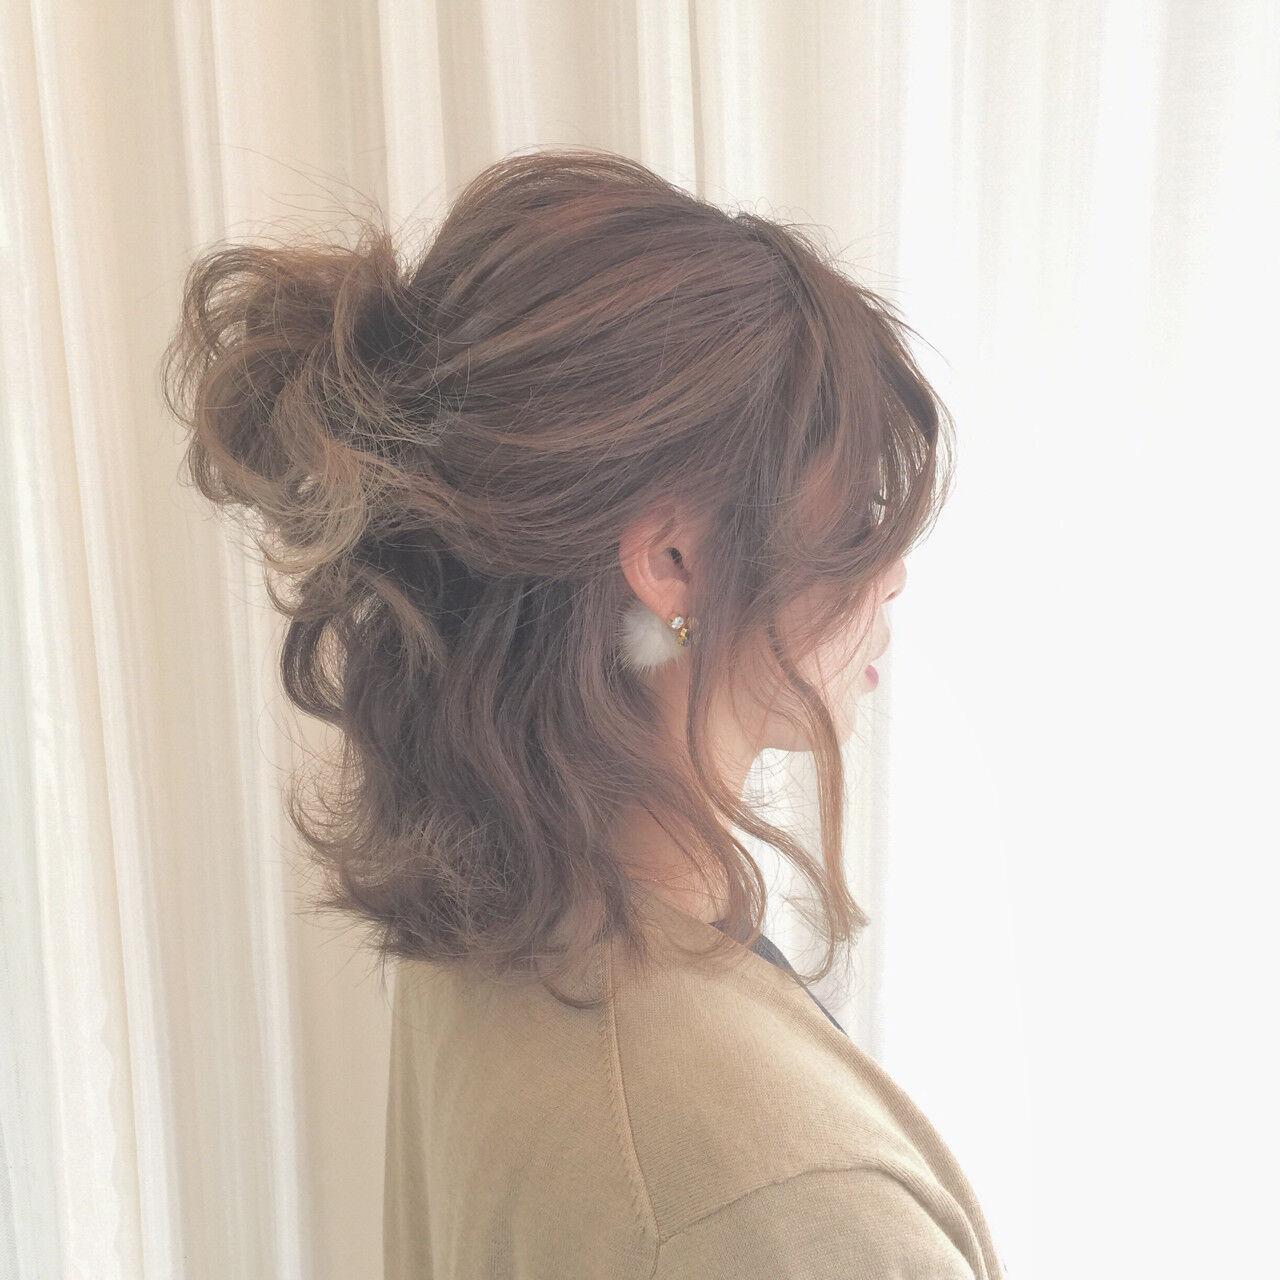 ボブ ヘアアレンジ 波ウェーブ ストリートヘアスタイルや髪型の写真・画像